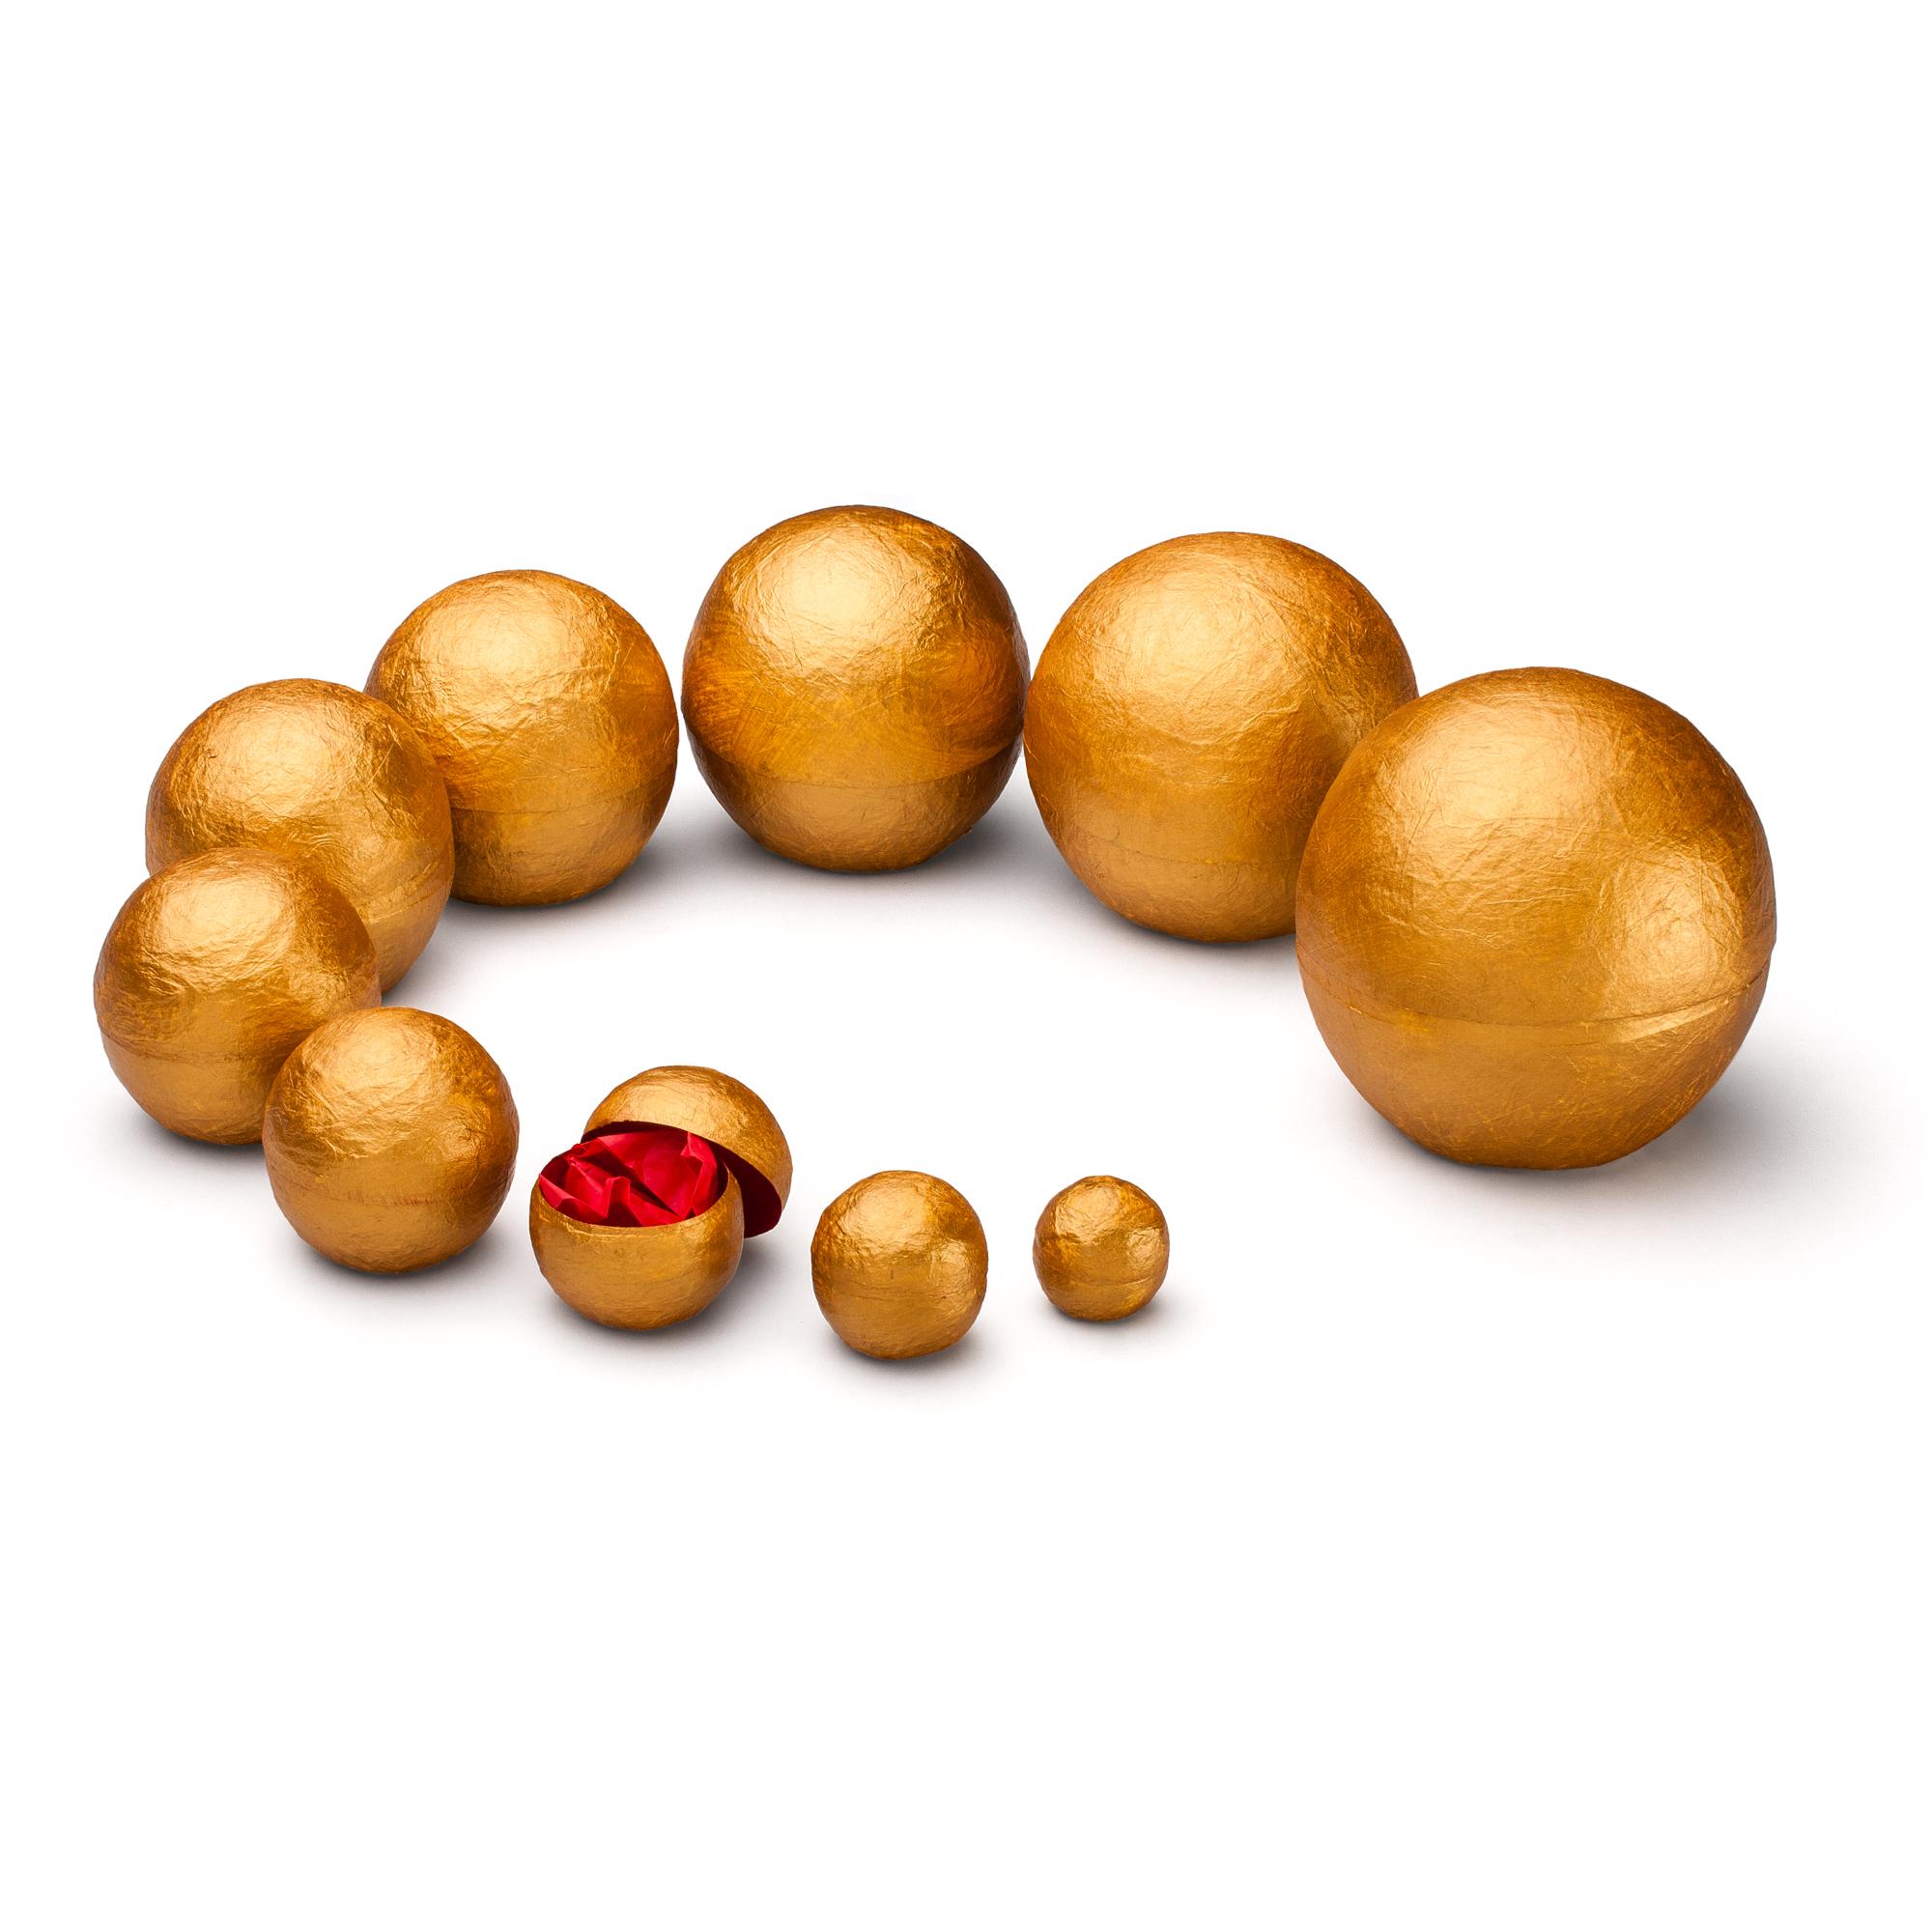 YAYA Stapelbox gold/rot